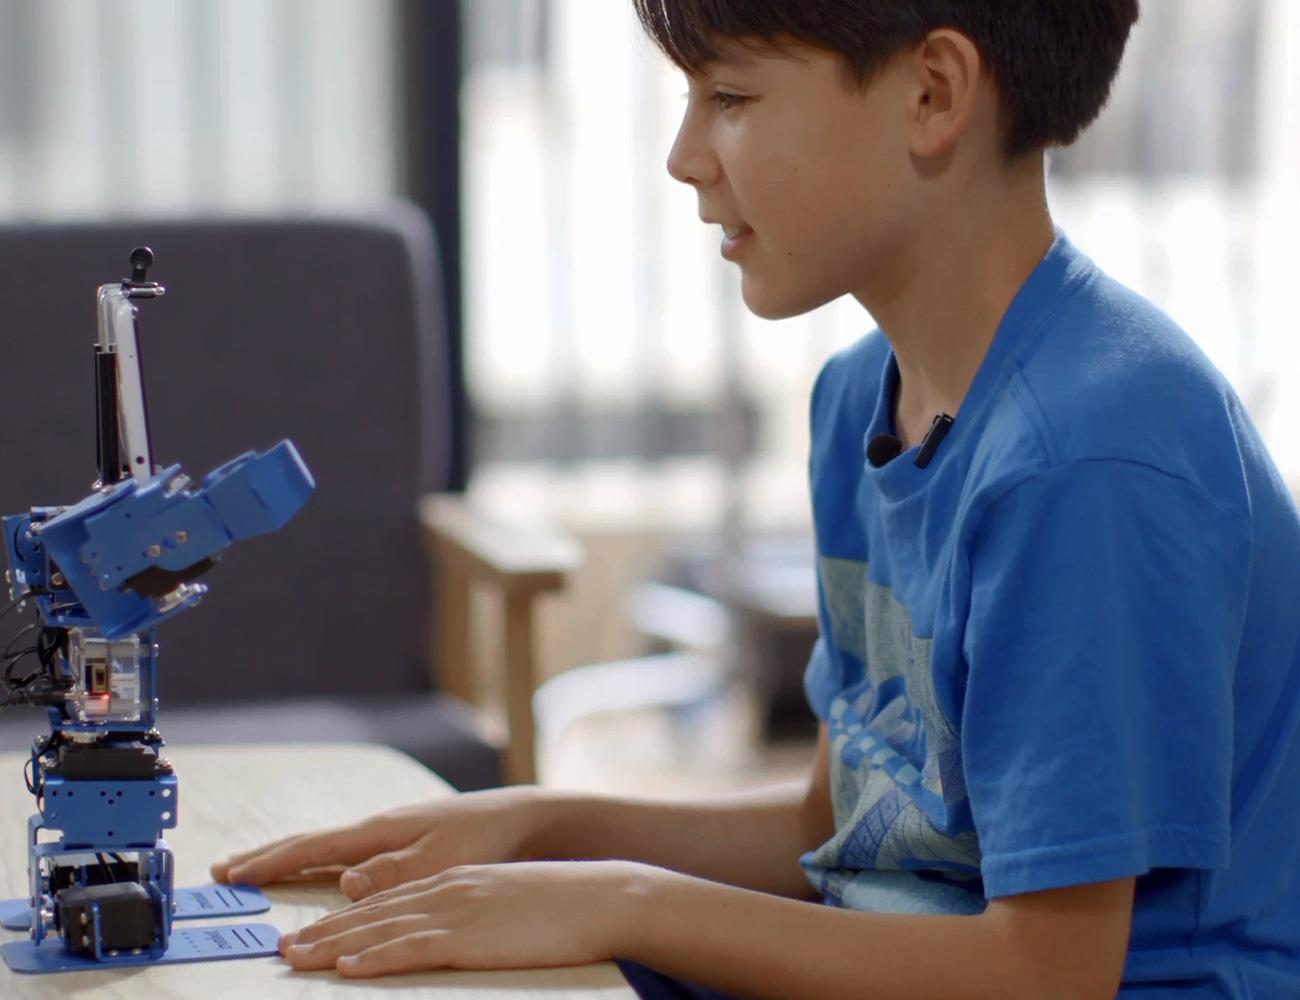 IronBot – DIY Robot Learning Kit for Kids